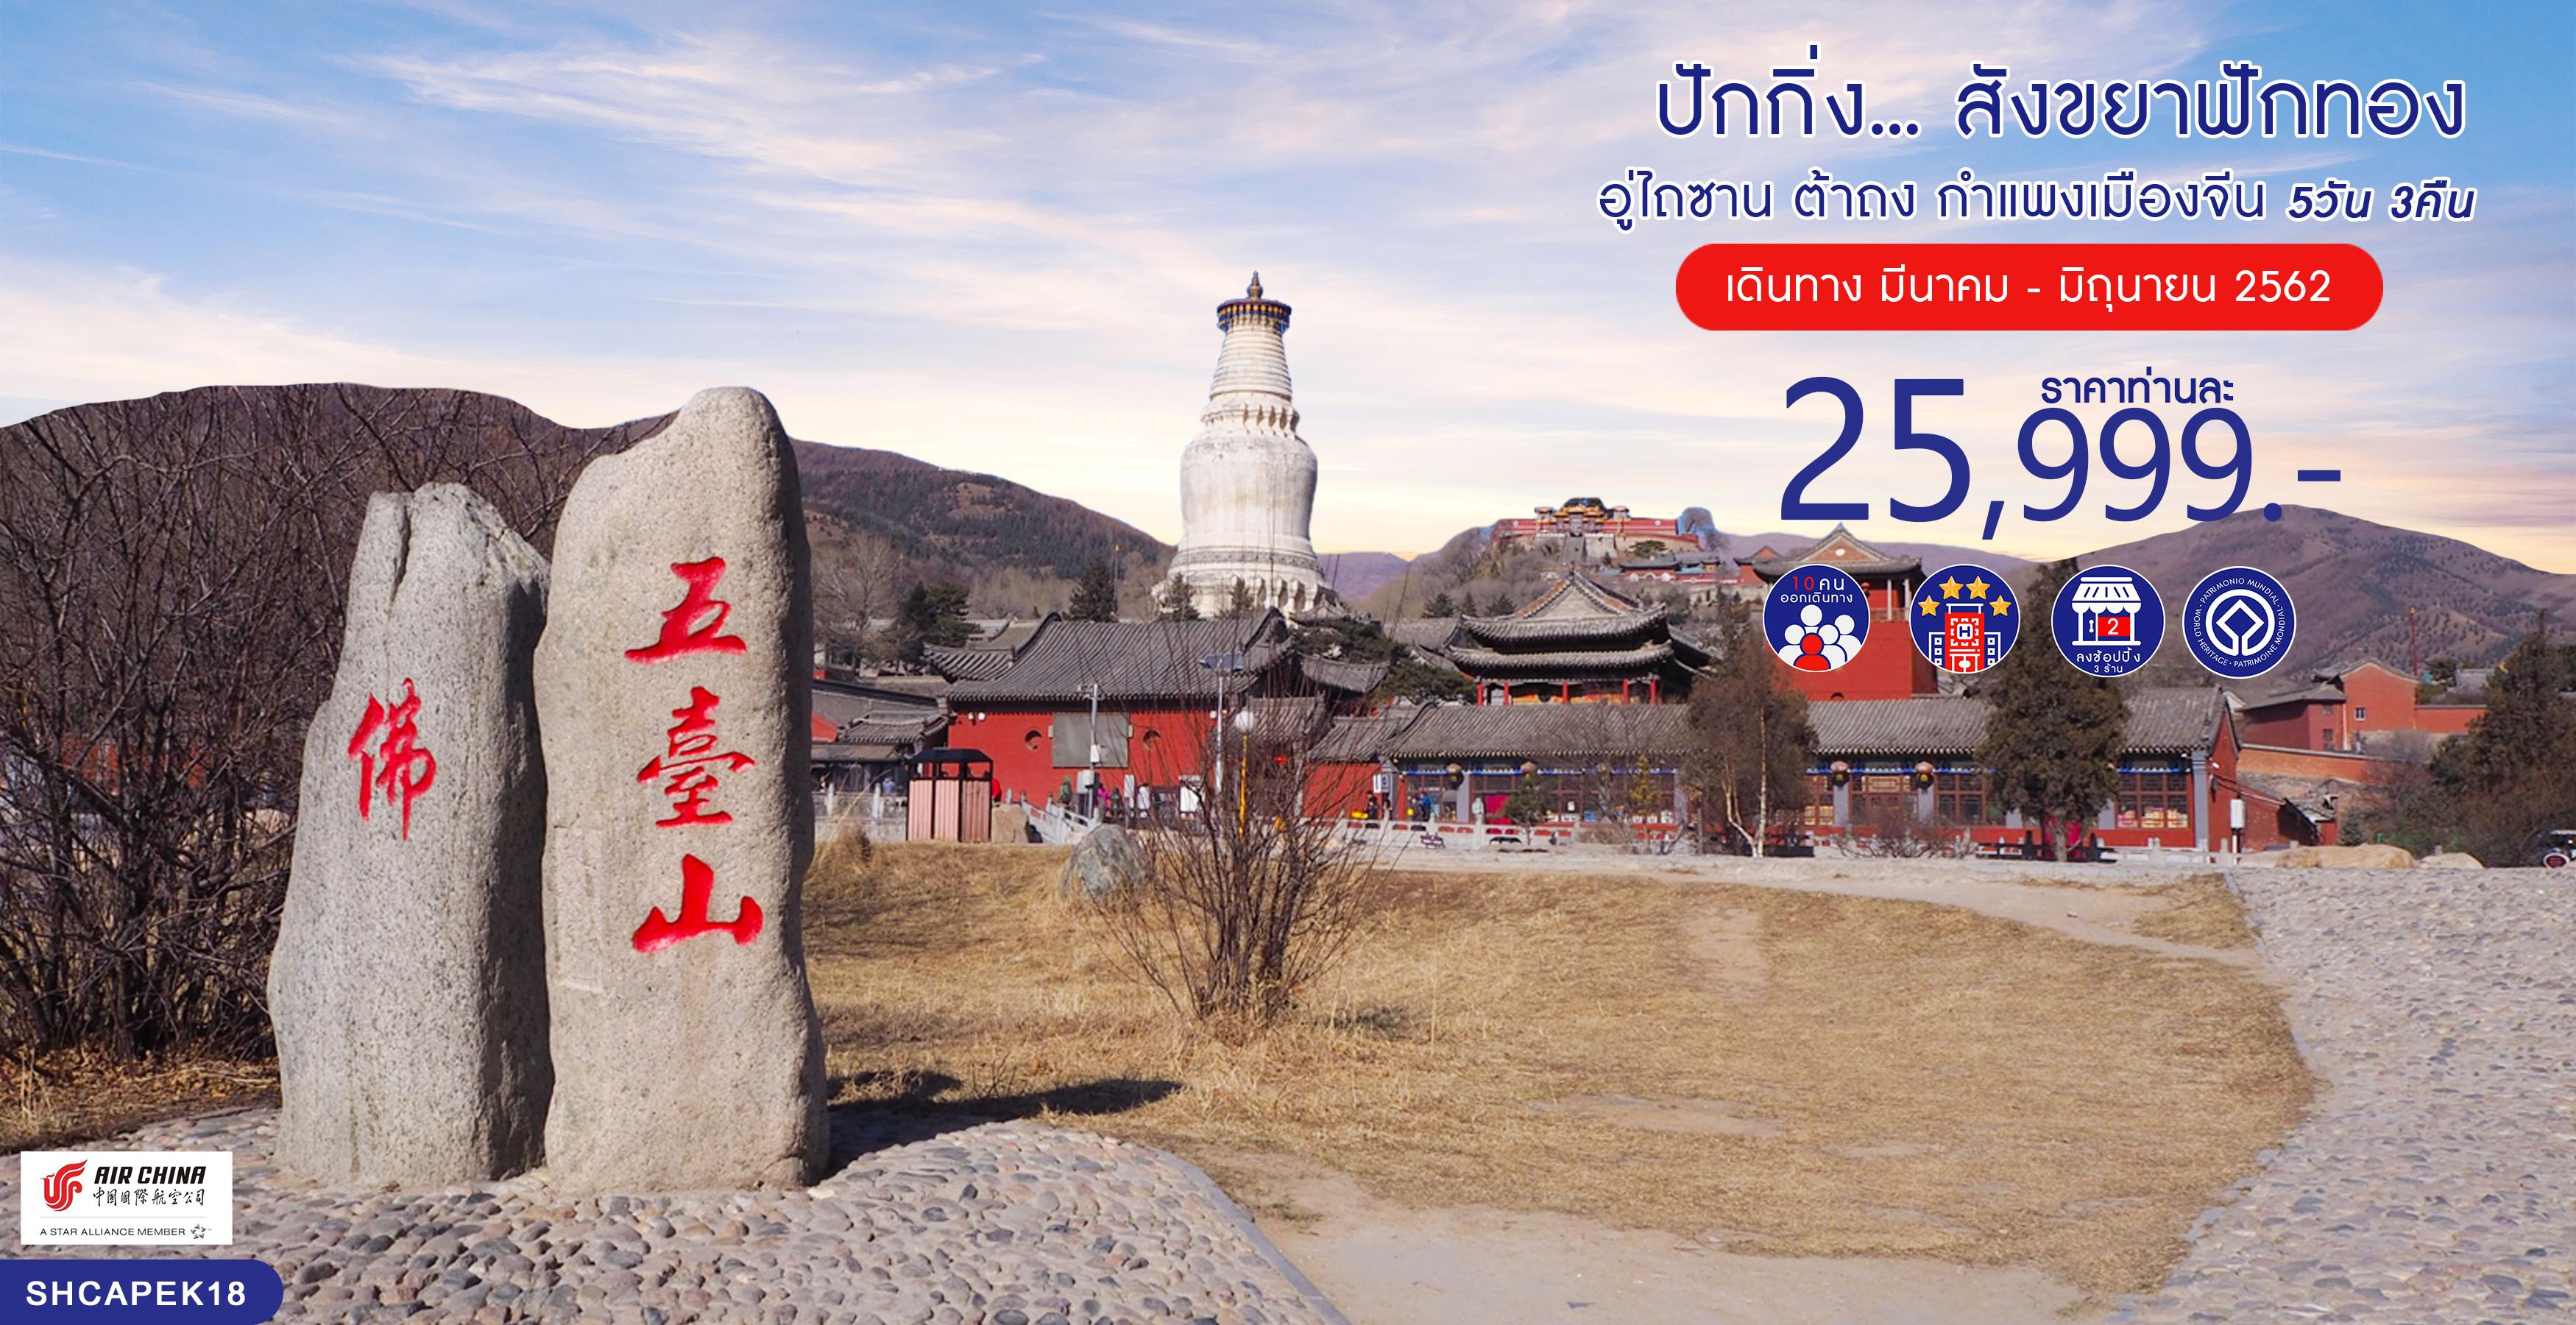 ทัวร์จีน ทัวร์ปักกิ่ง...สังขยาฟักทอง อู่ไถซาน ต้าถง กำแพงเมืองจีน 5 วัน 3 คืน (CA)